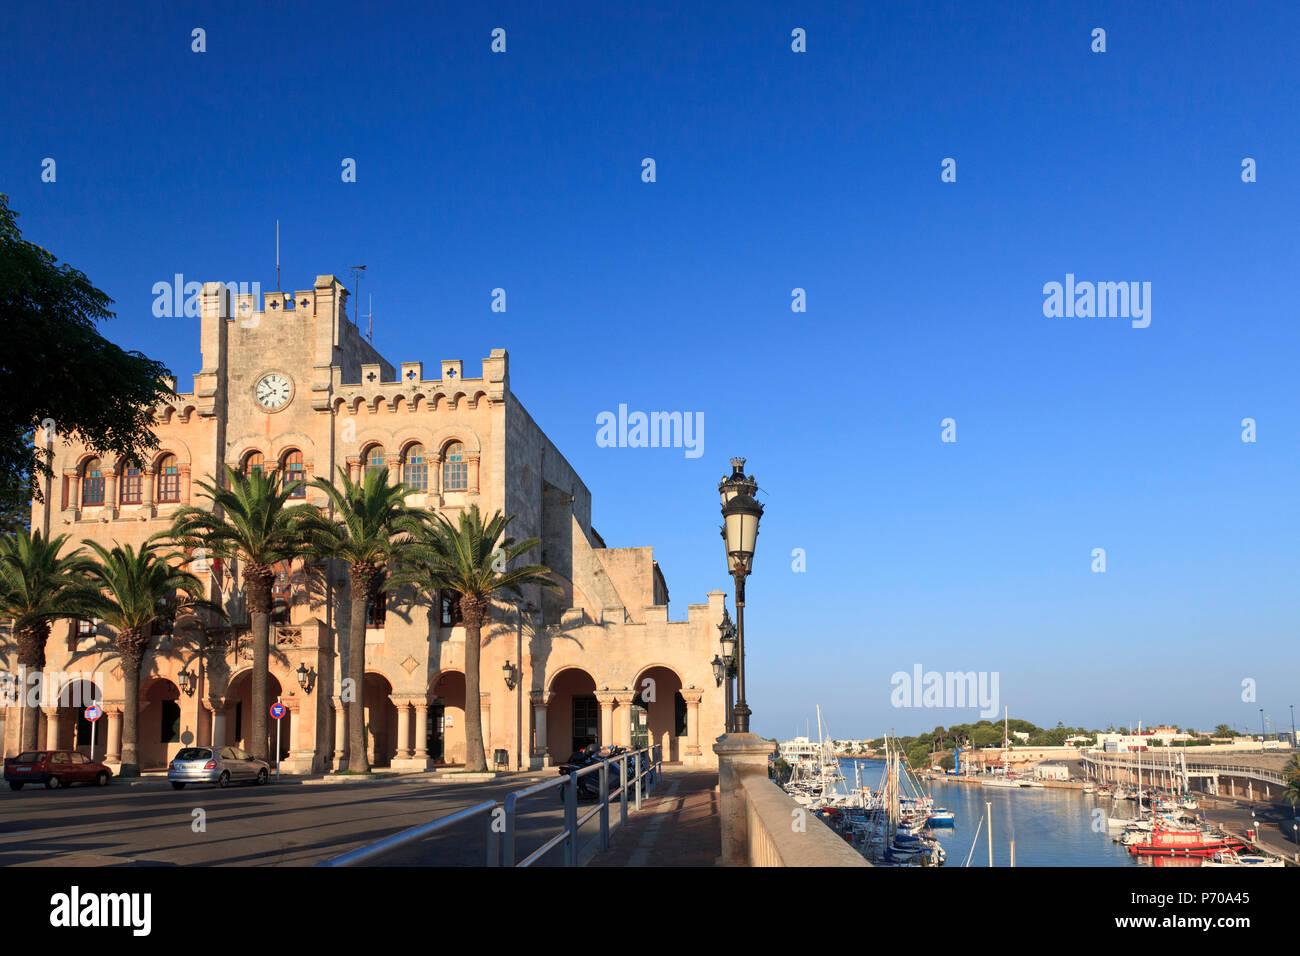 España, Islas Baleares, Menorca, Ciutadella, Casco antiguo Imagen De Stock